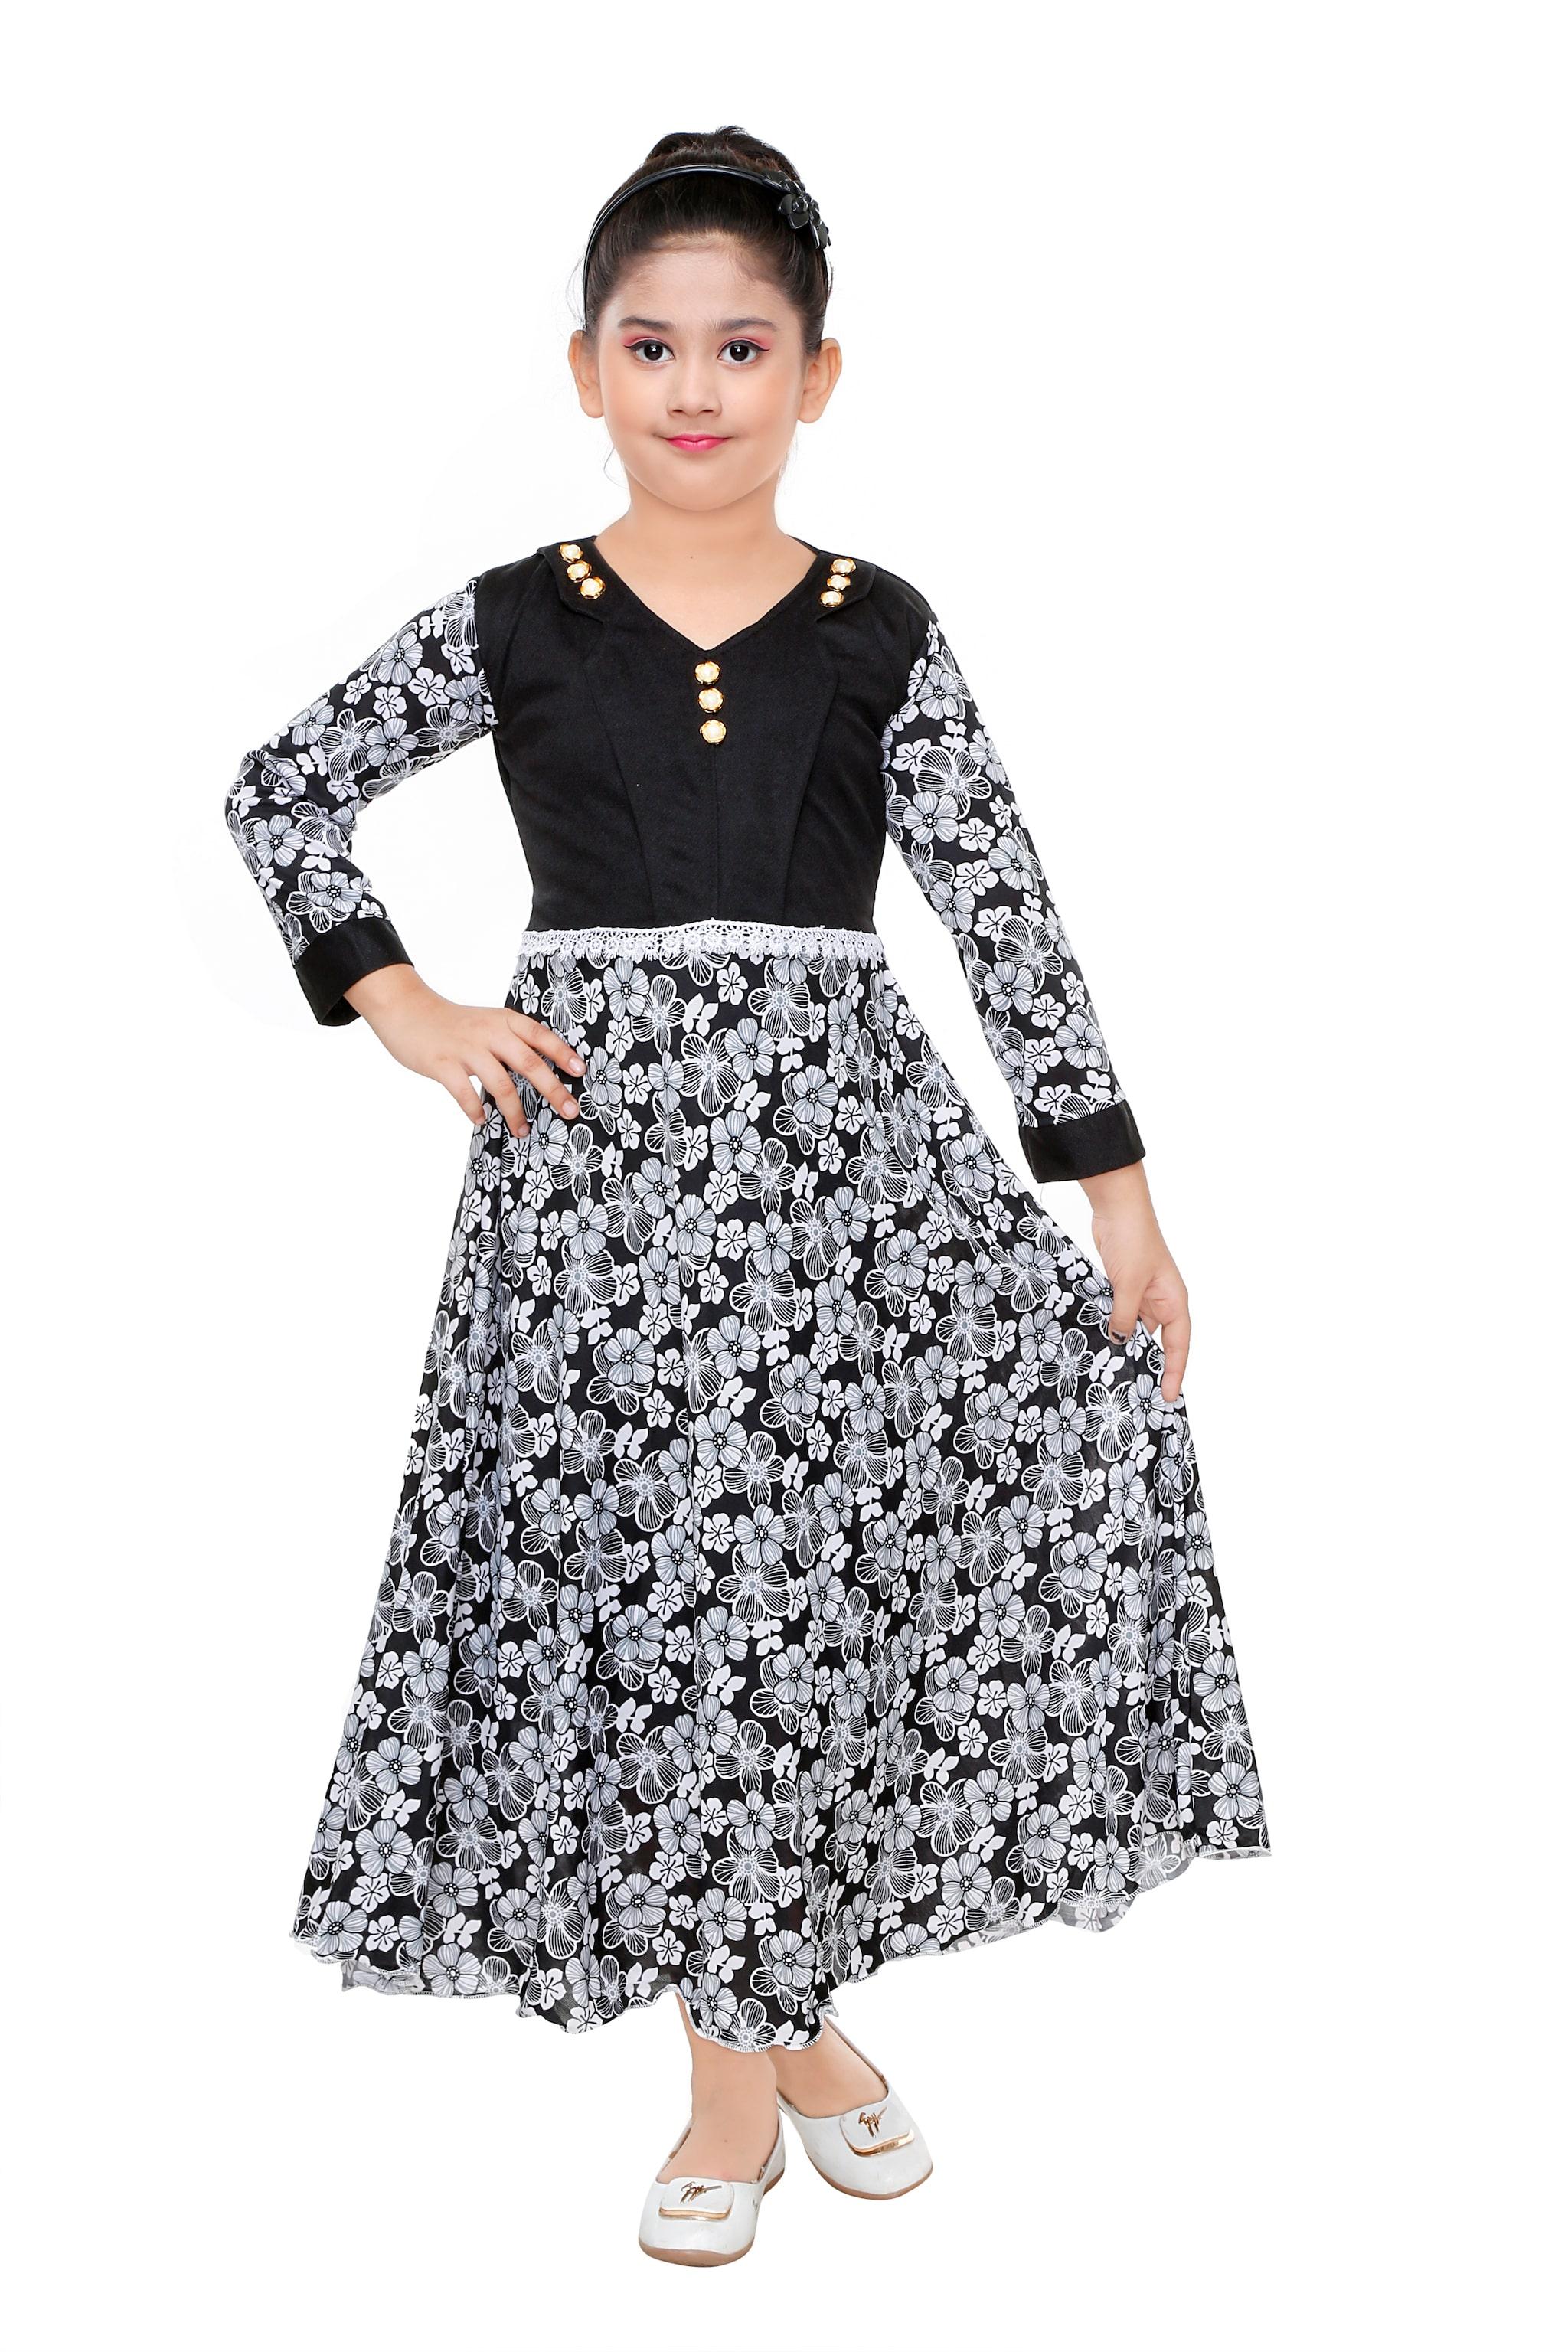 Girls Dresses - Buy Girls Party Wear Frocks 4de083349b95